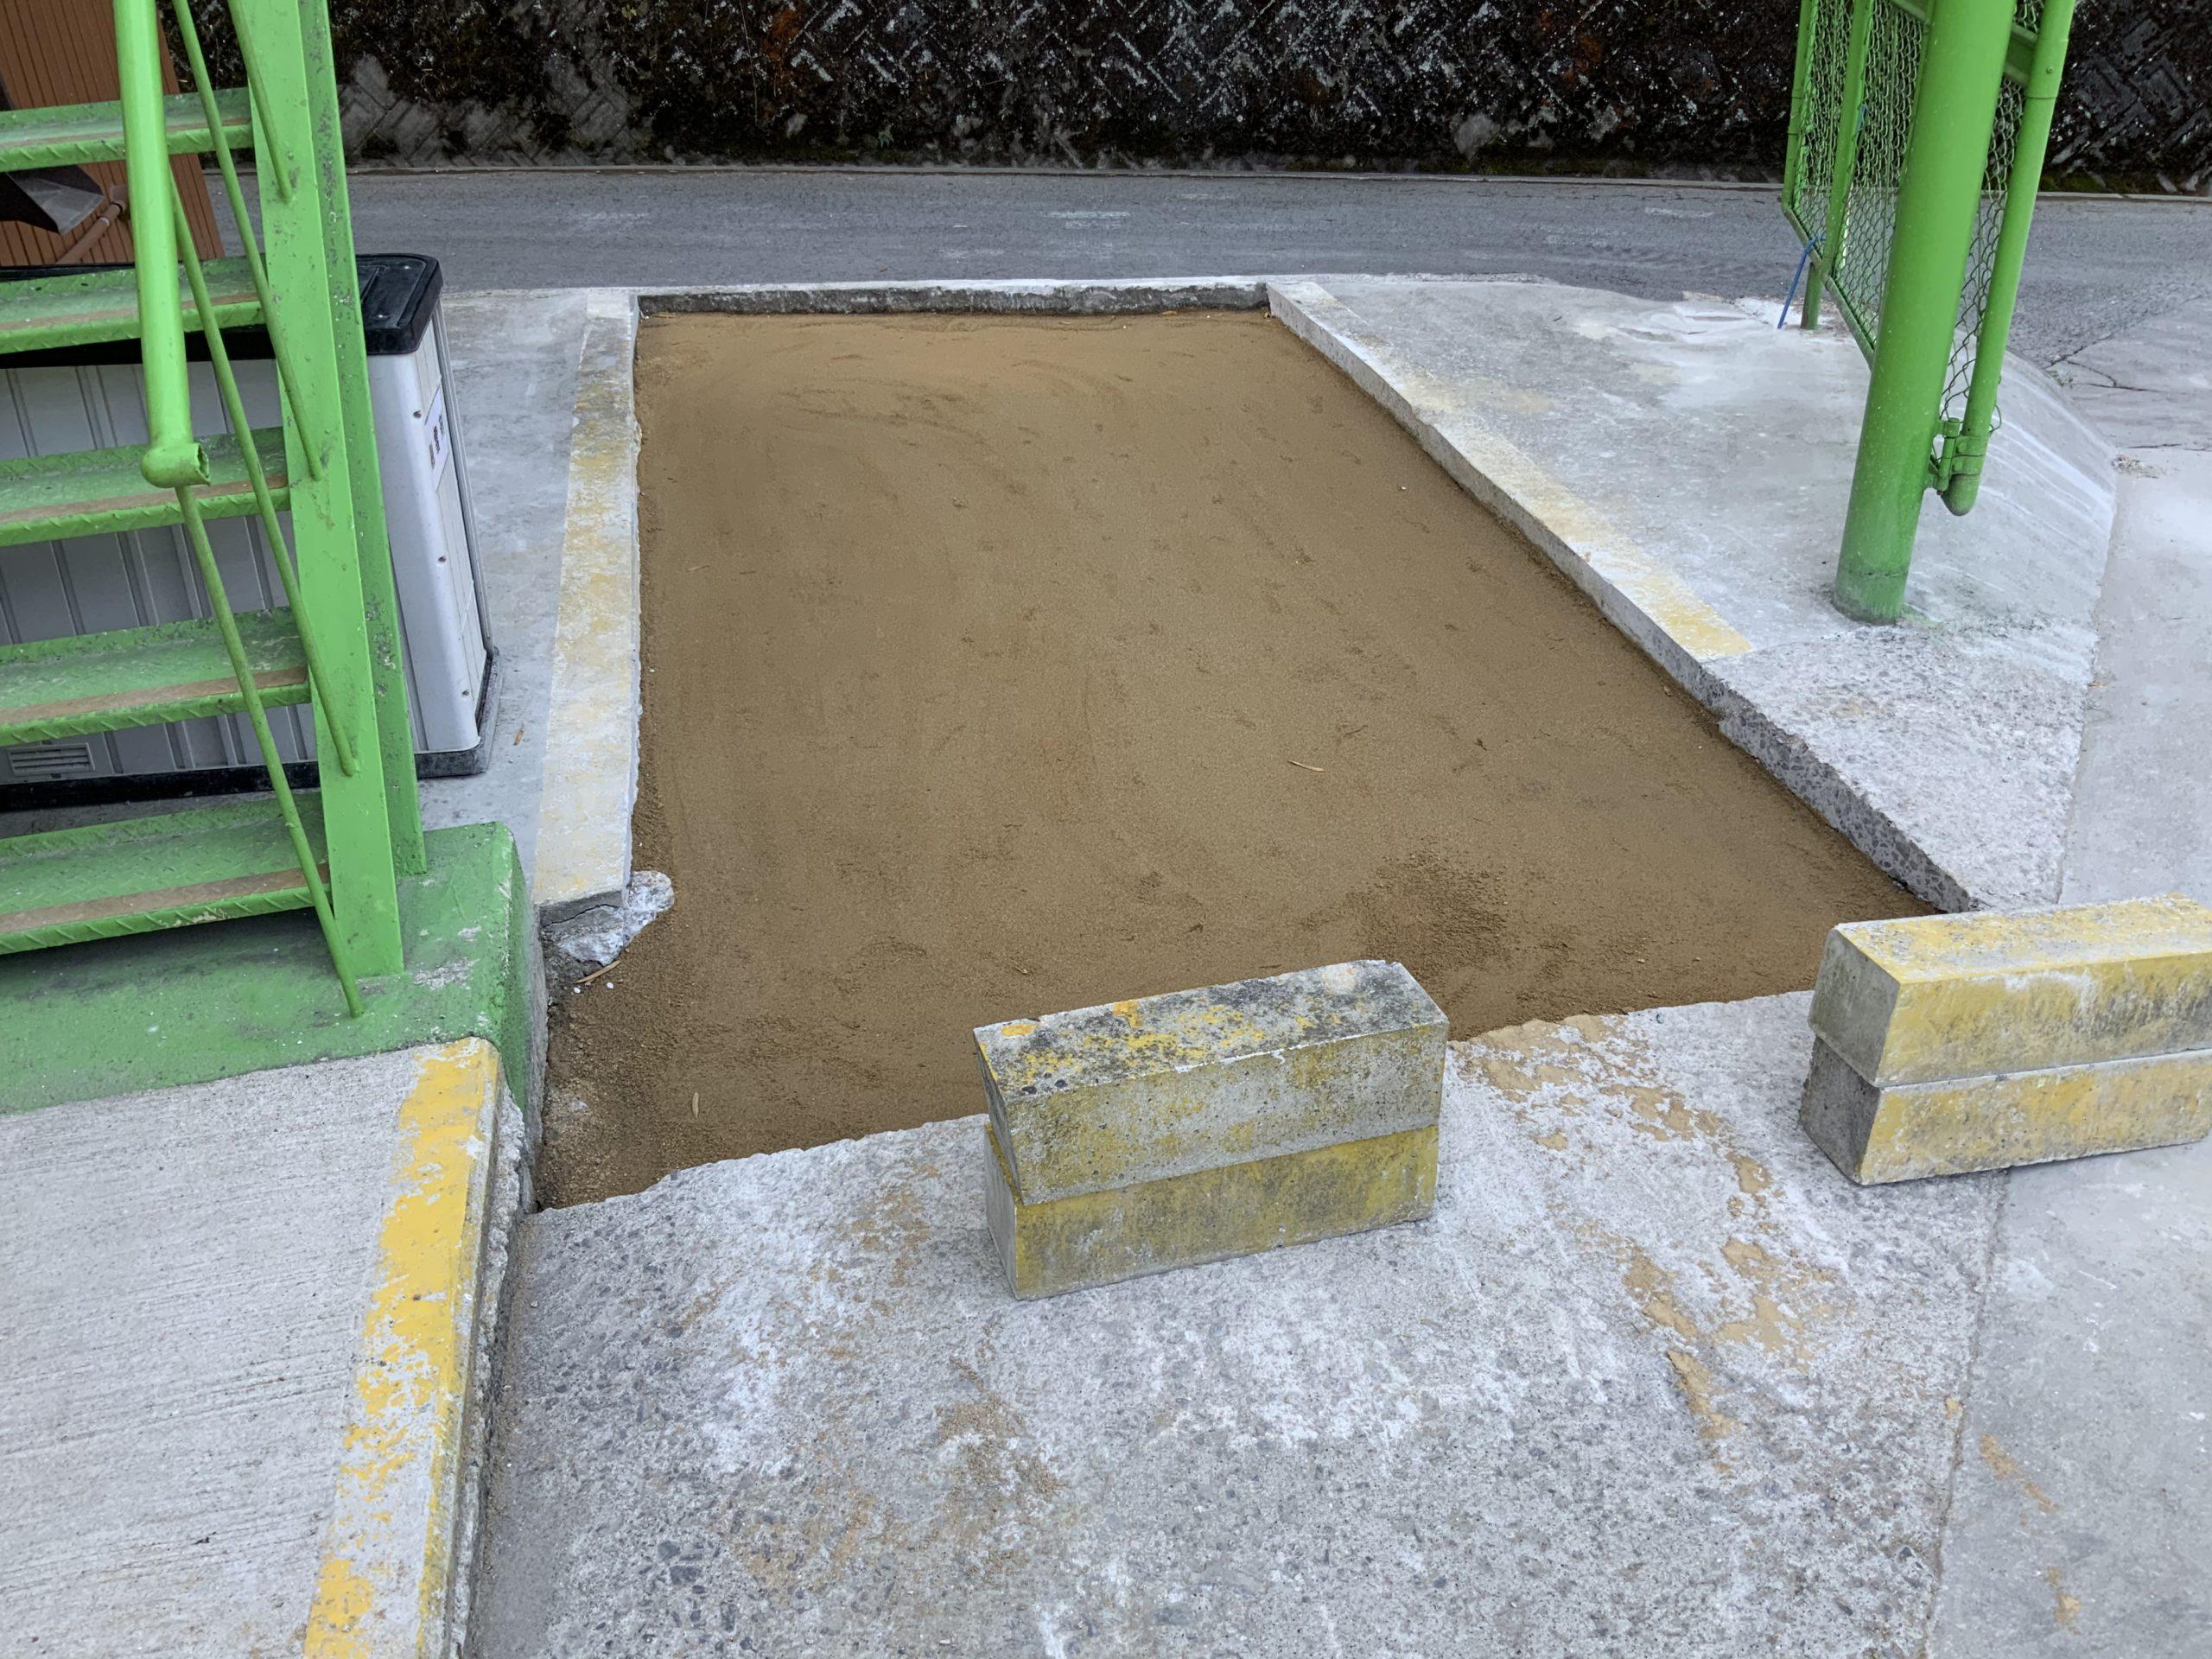 透水性コンクリート打設に向けて準備中